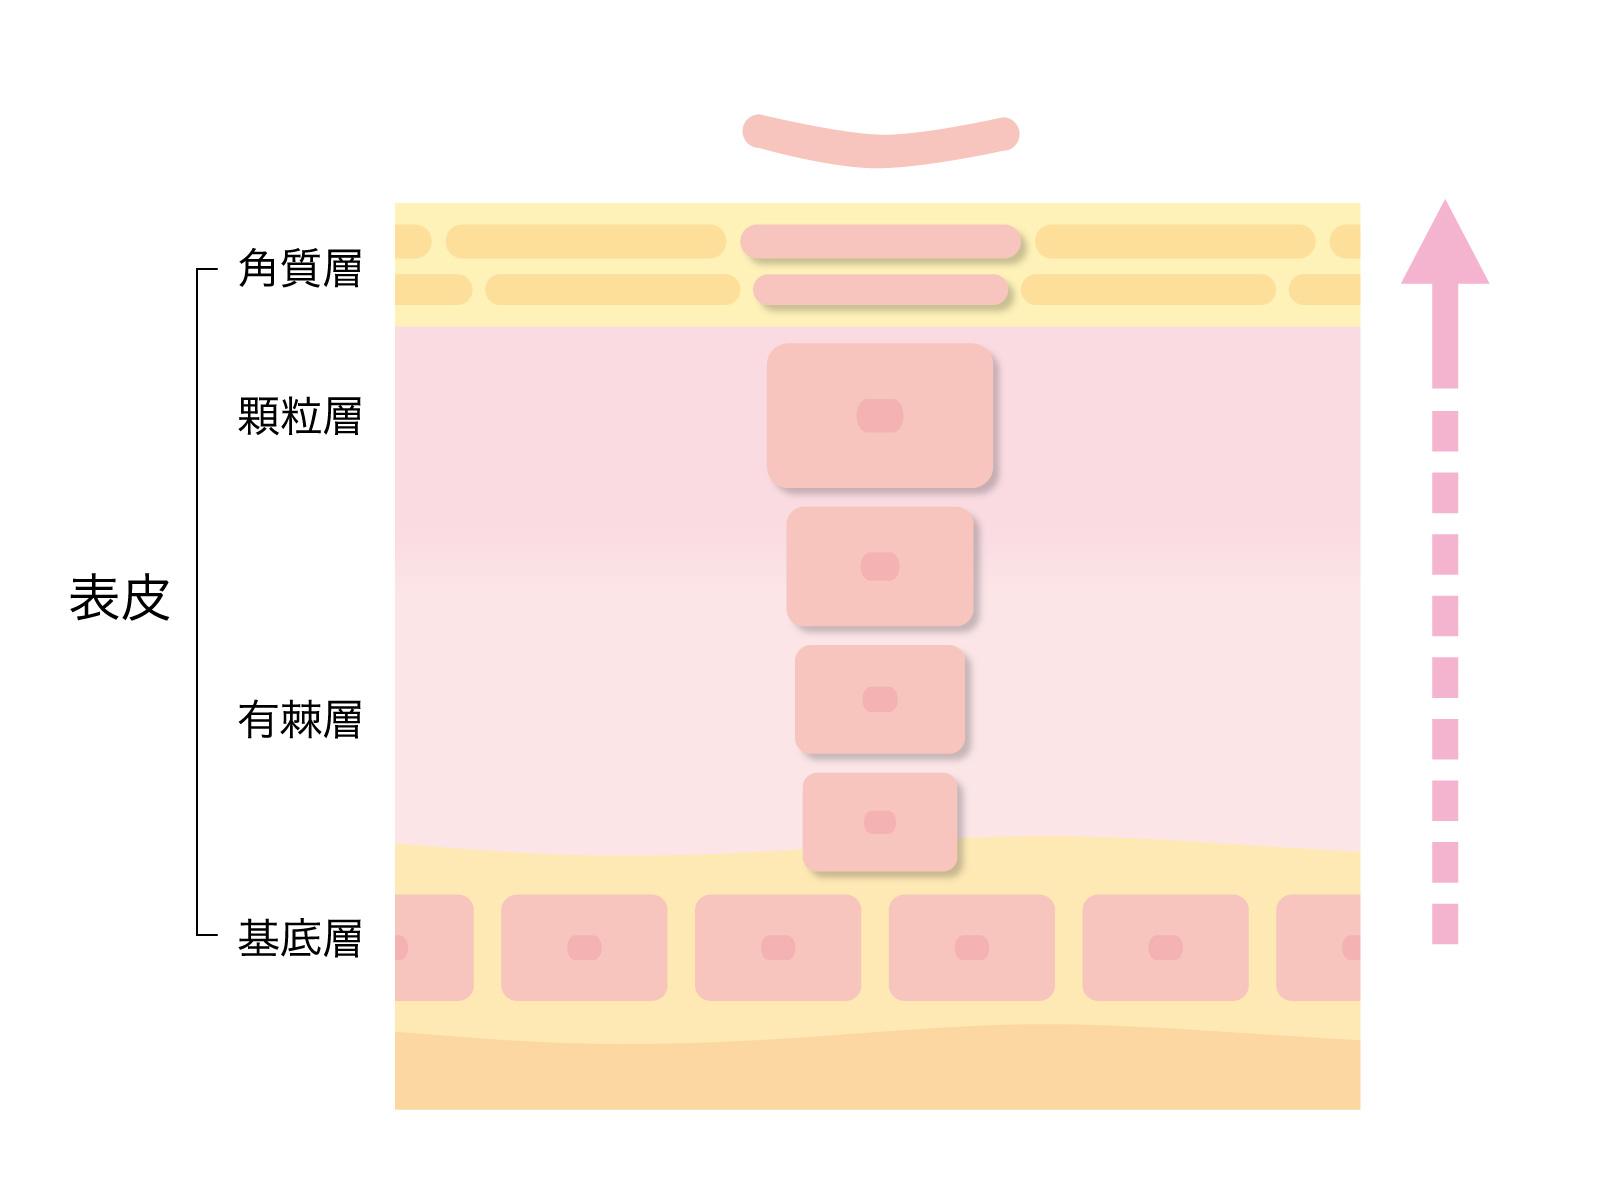 皮膚層のイメージ図